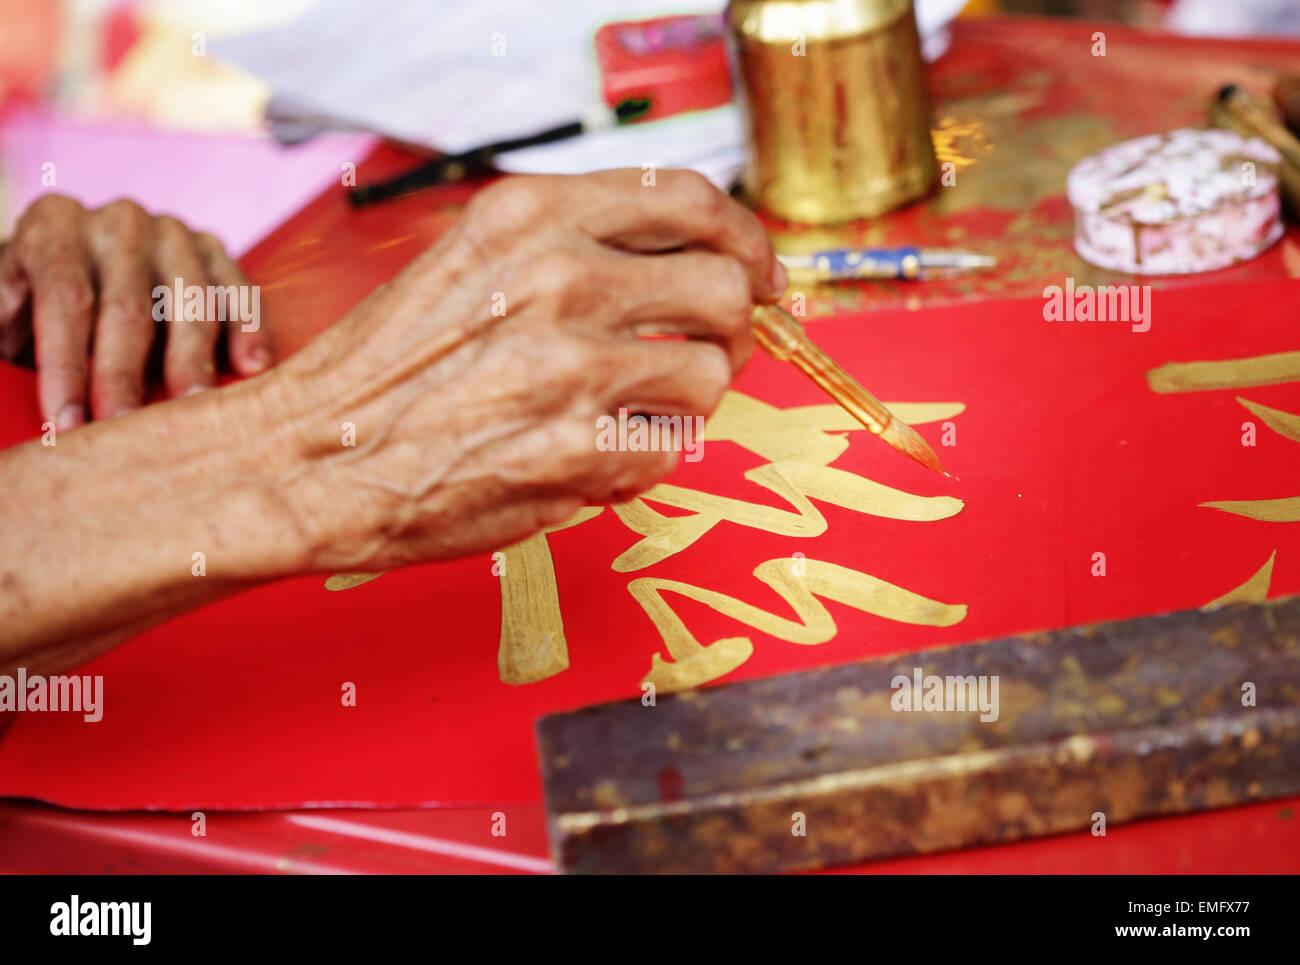 die Malerei-Begrüßung für Chinese New Year festival Stockfoto, Bild ...